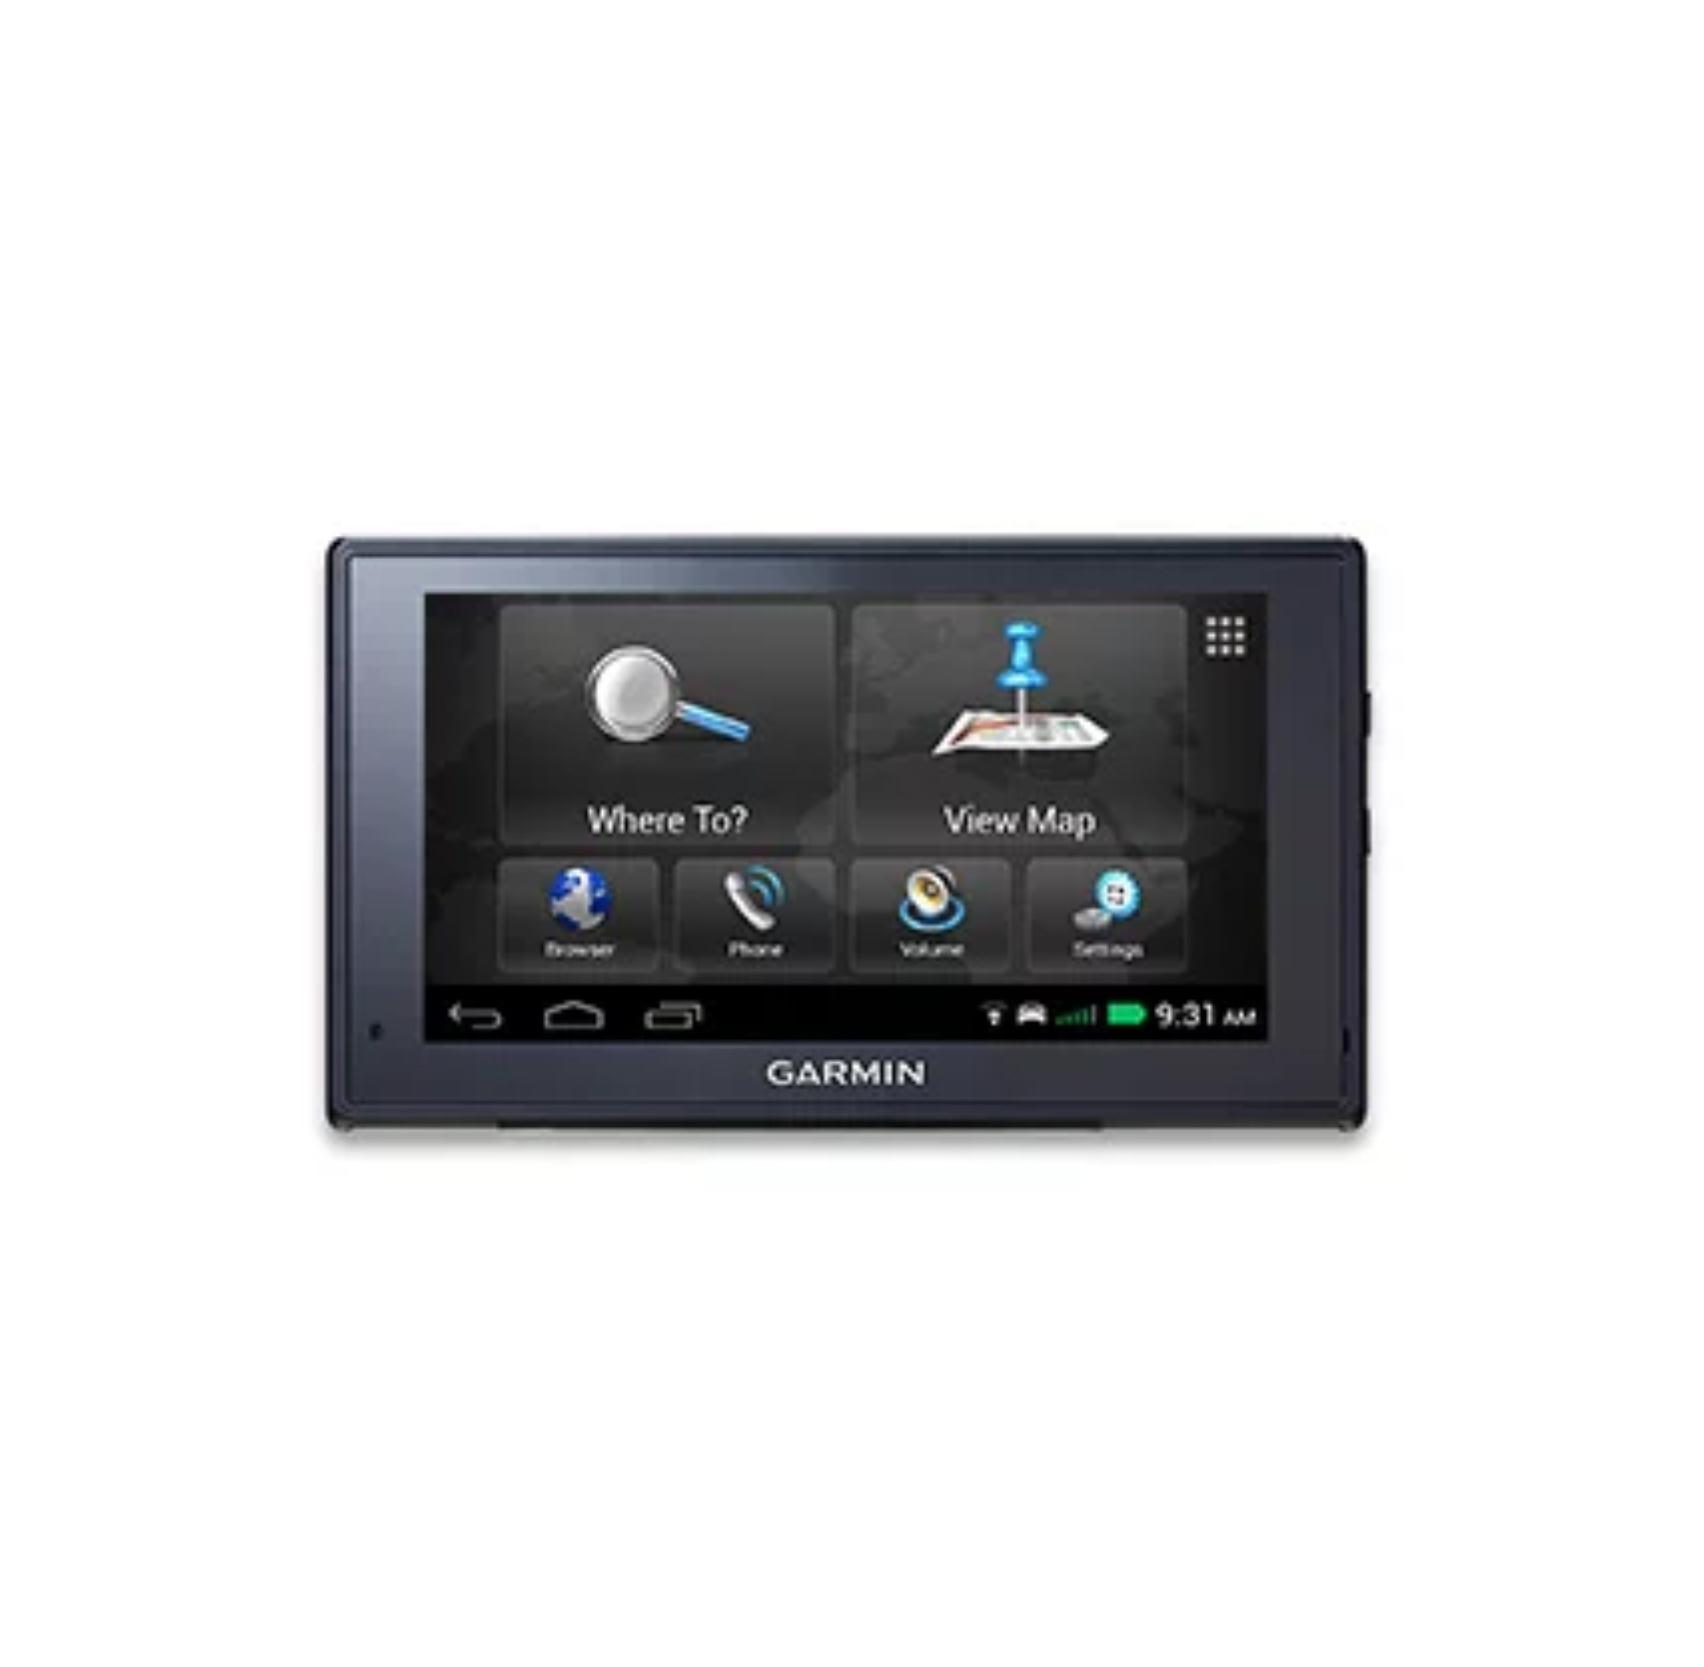 GARMIN Garmin Fleet 670 trucknavigatie